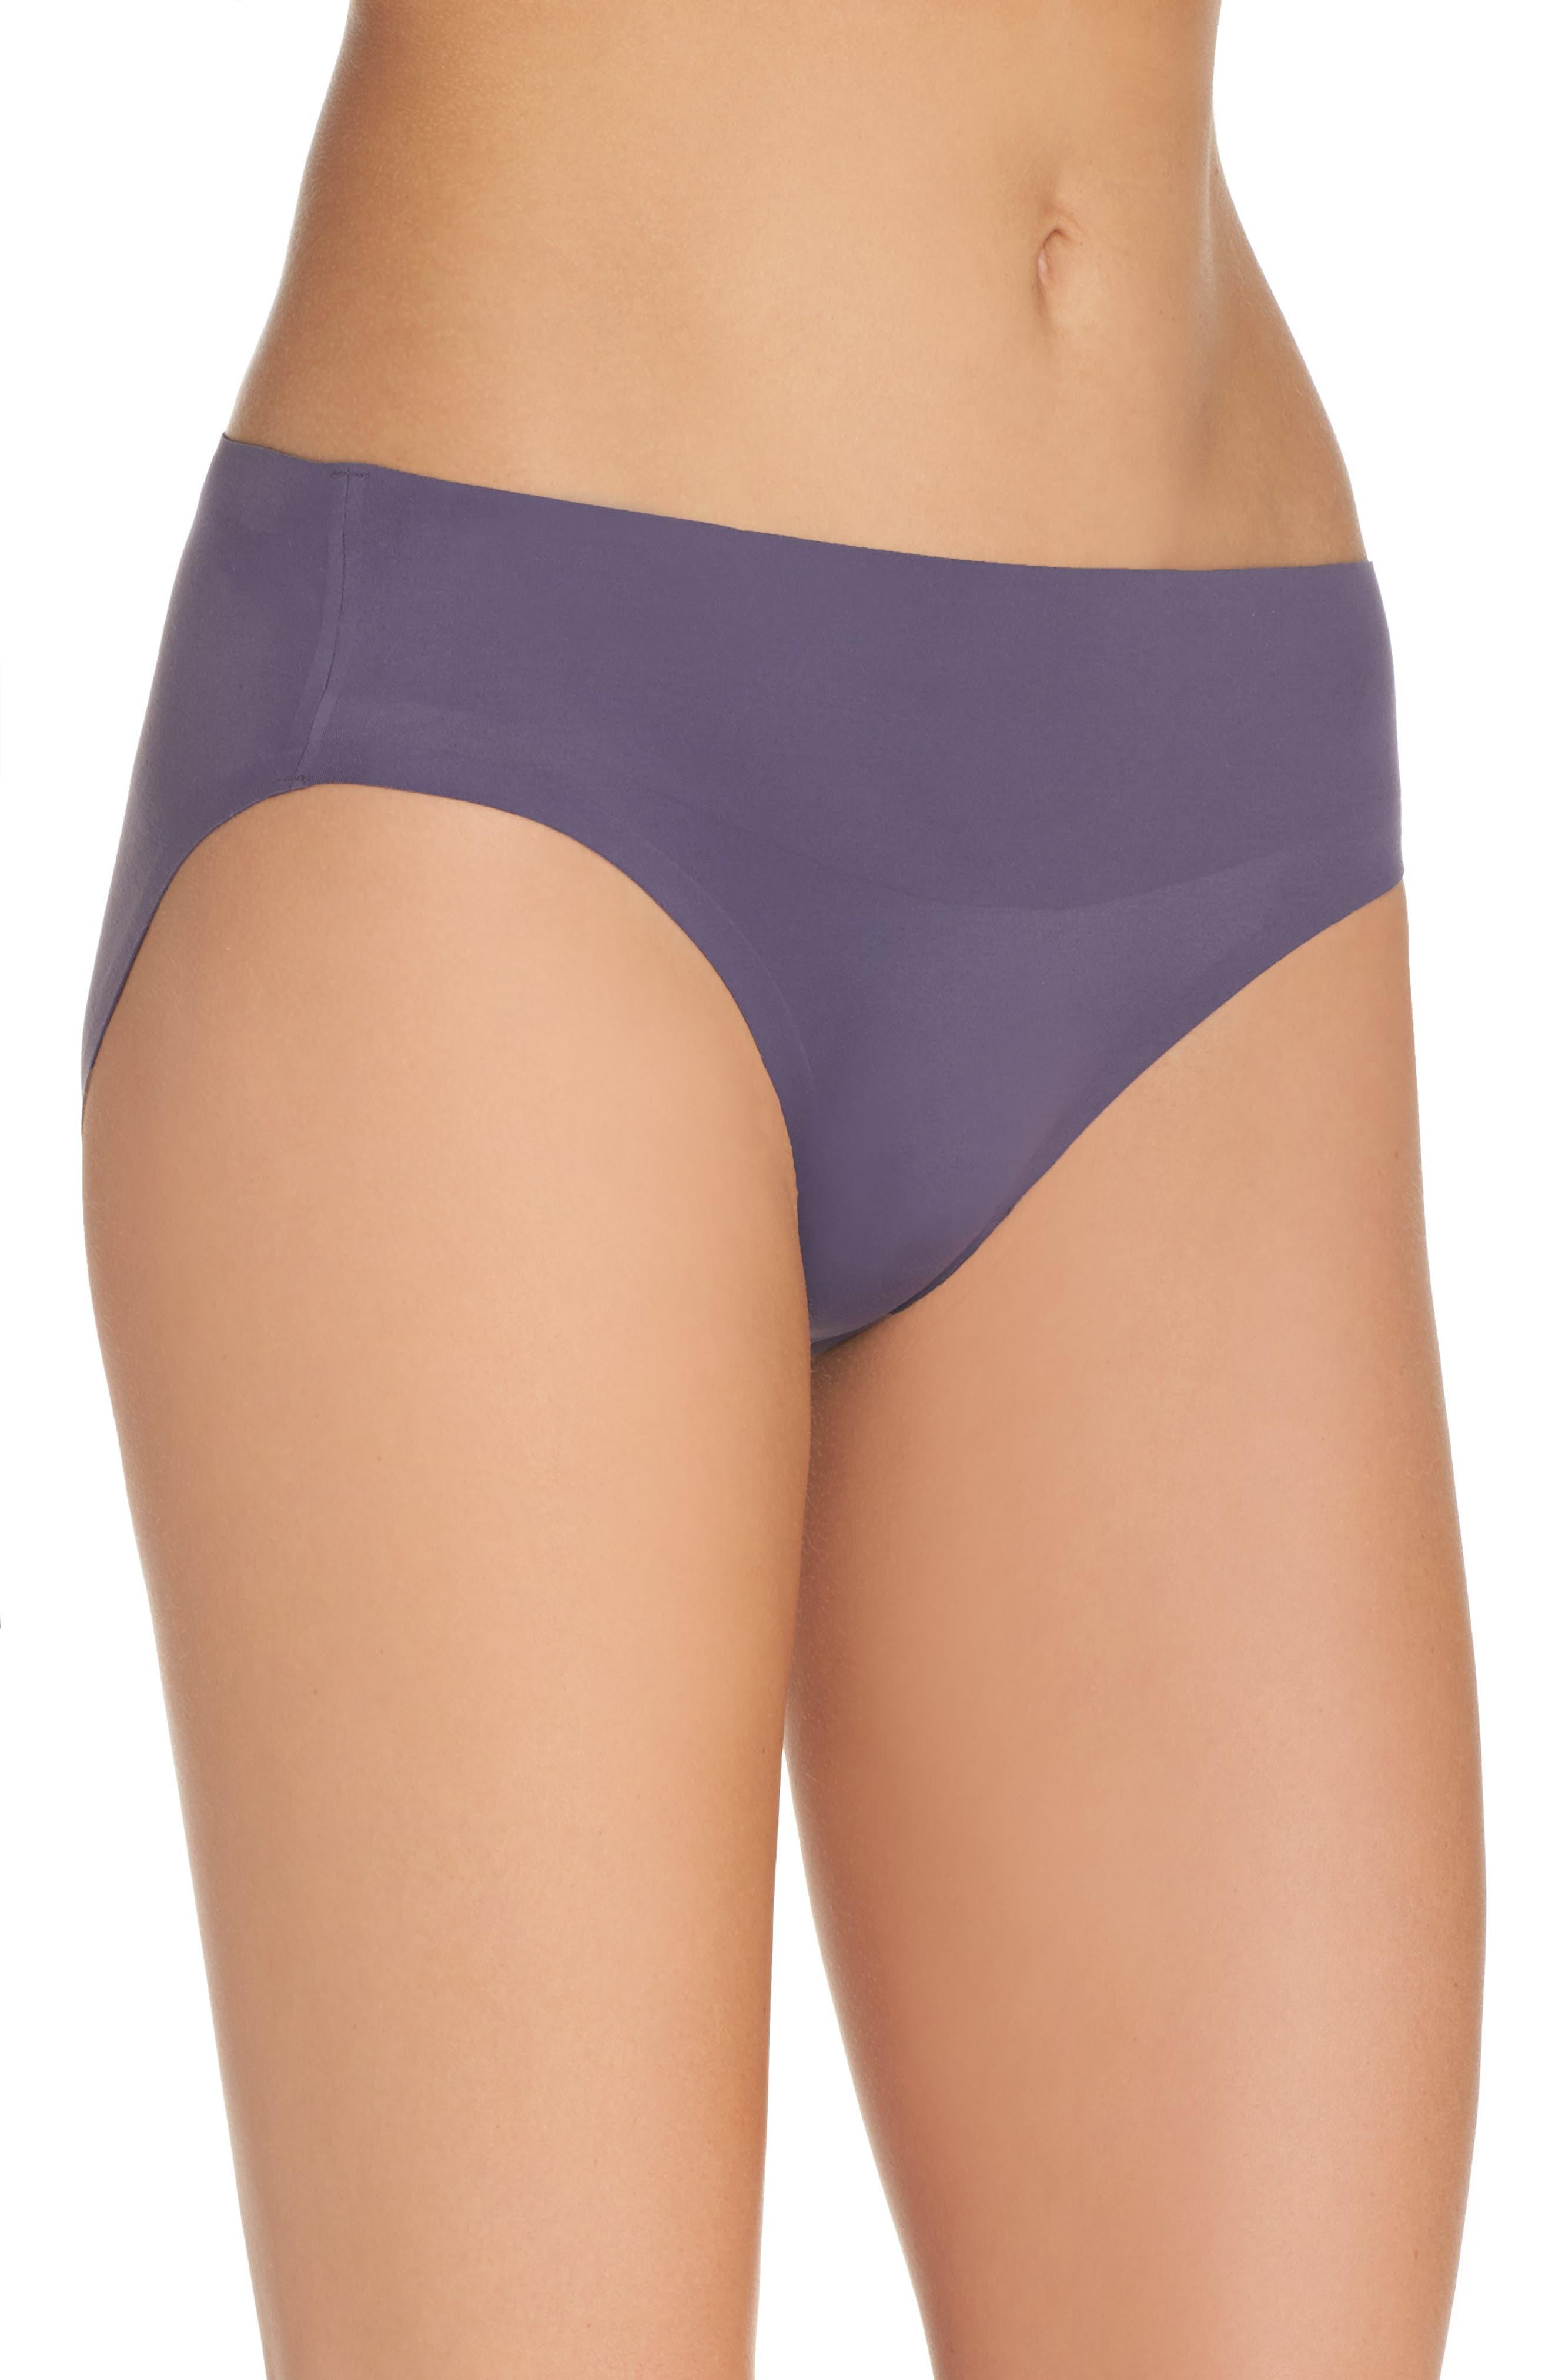 Undie-tectable B'tweenie Panty,                             Alternate thumbnail 3, color,                             Oxidized Purple